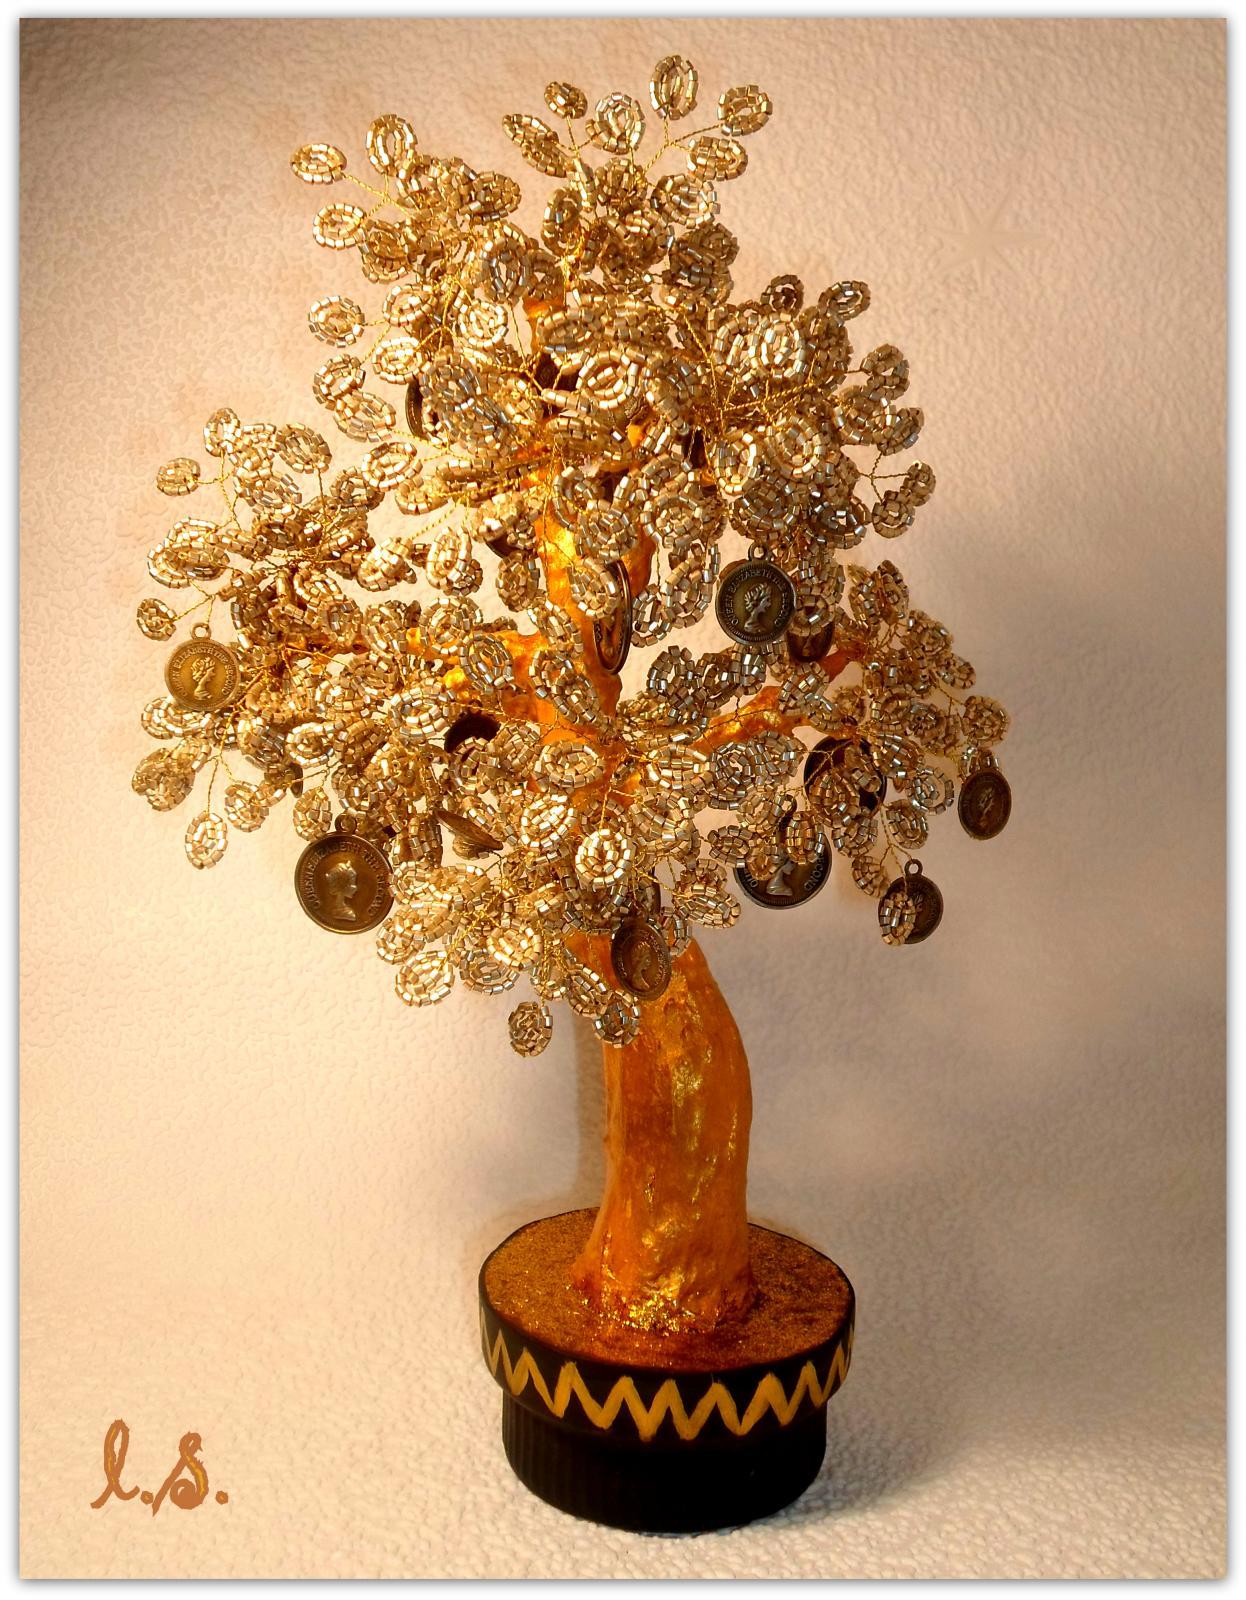 Как сделать дерево из бисера своими руками? дерево из бисера мастер-класс с пошаговым фото